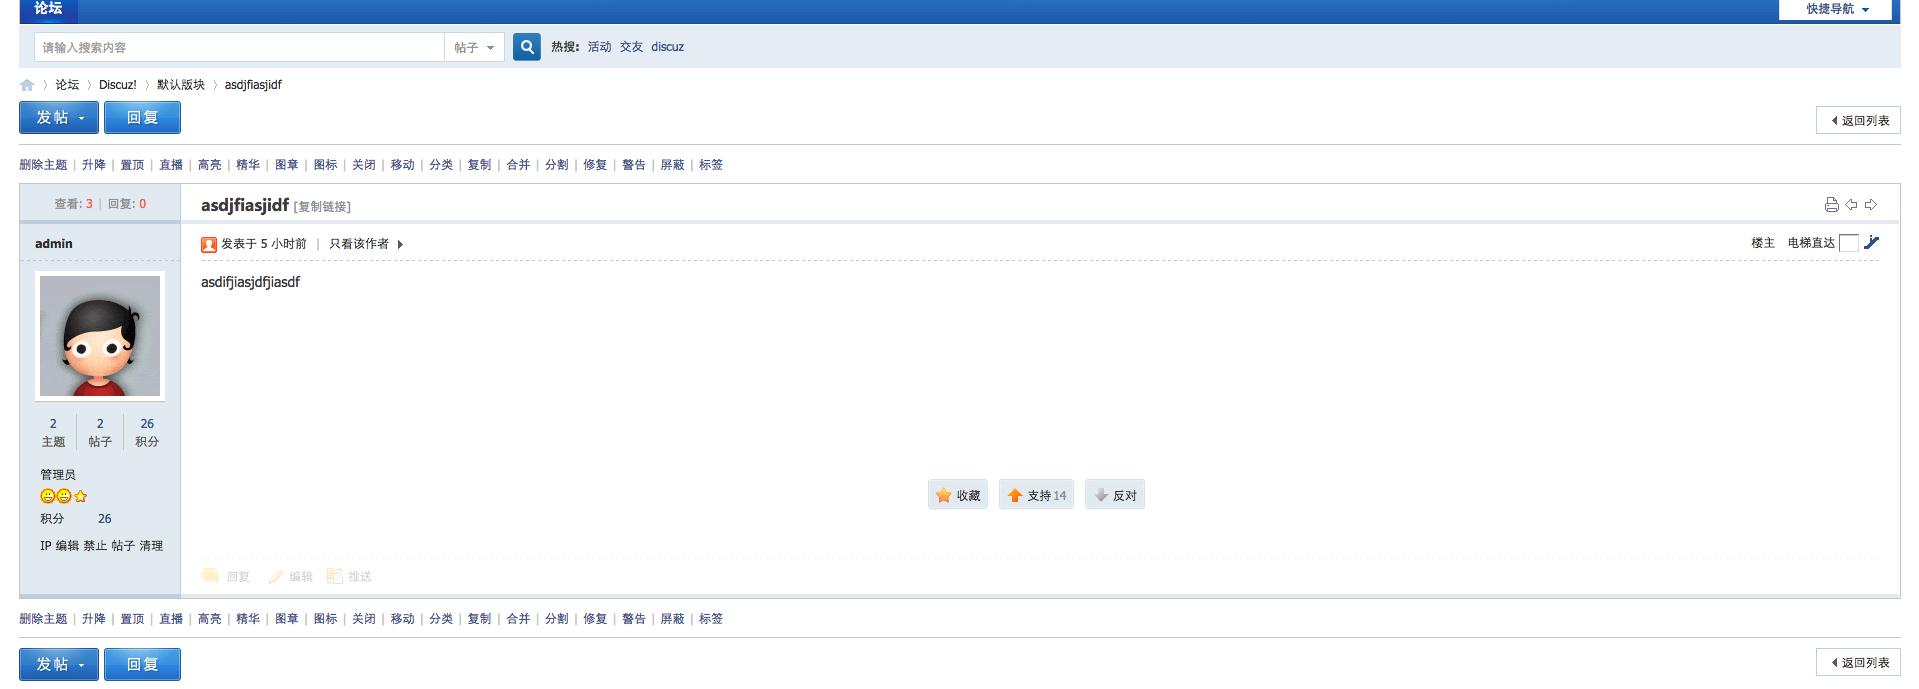 【耐小心】自动点赞2.0.3商业版,Discuz帖子自动点赞插件下载 Discuz论坛插件 第2张